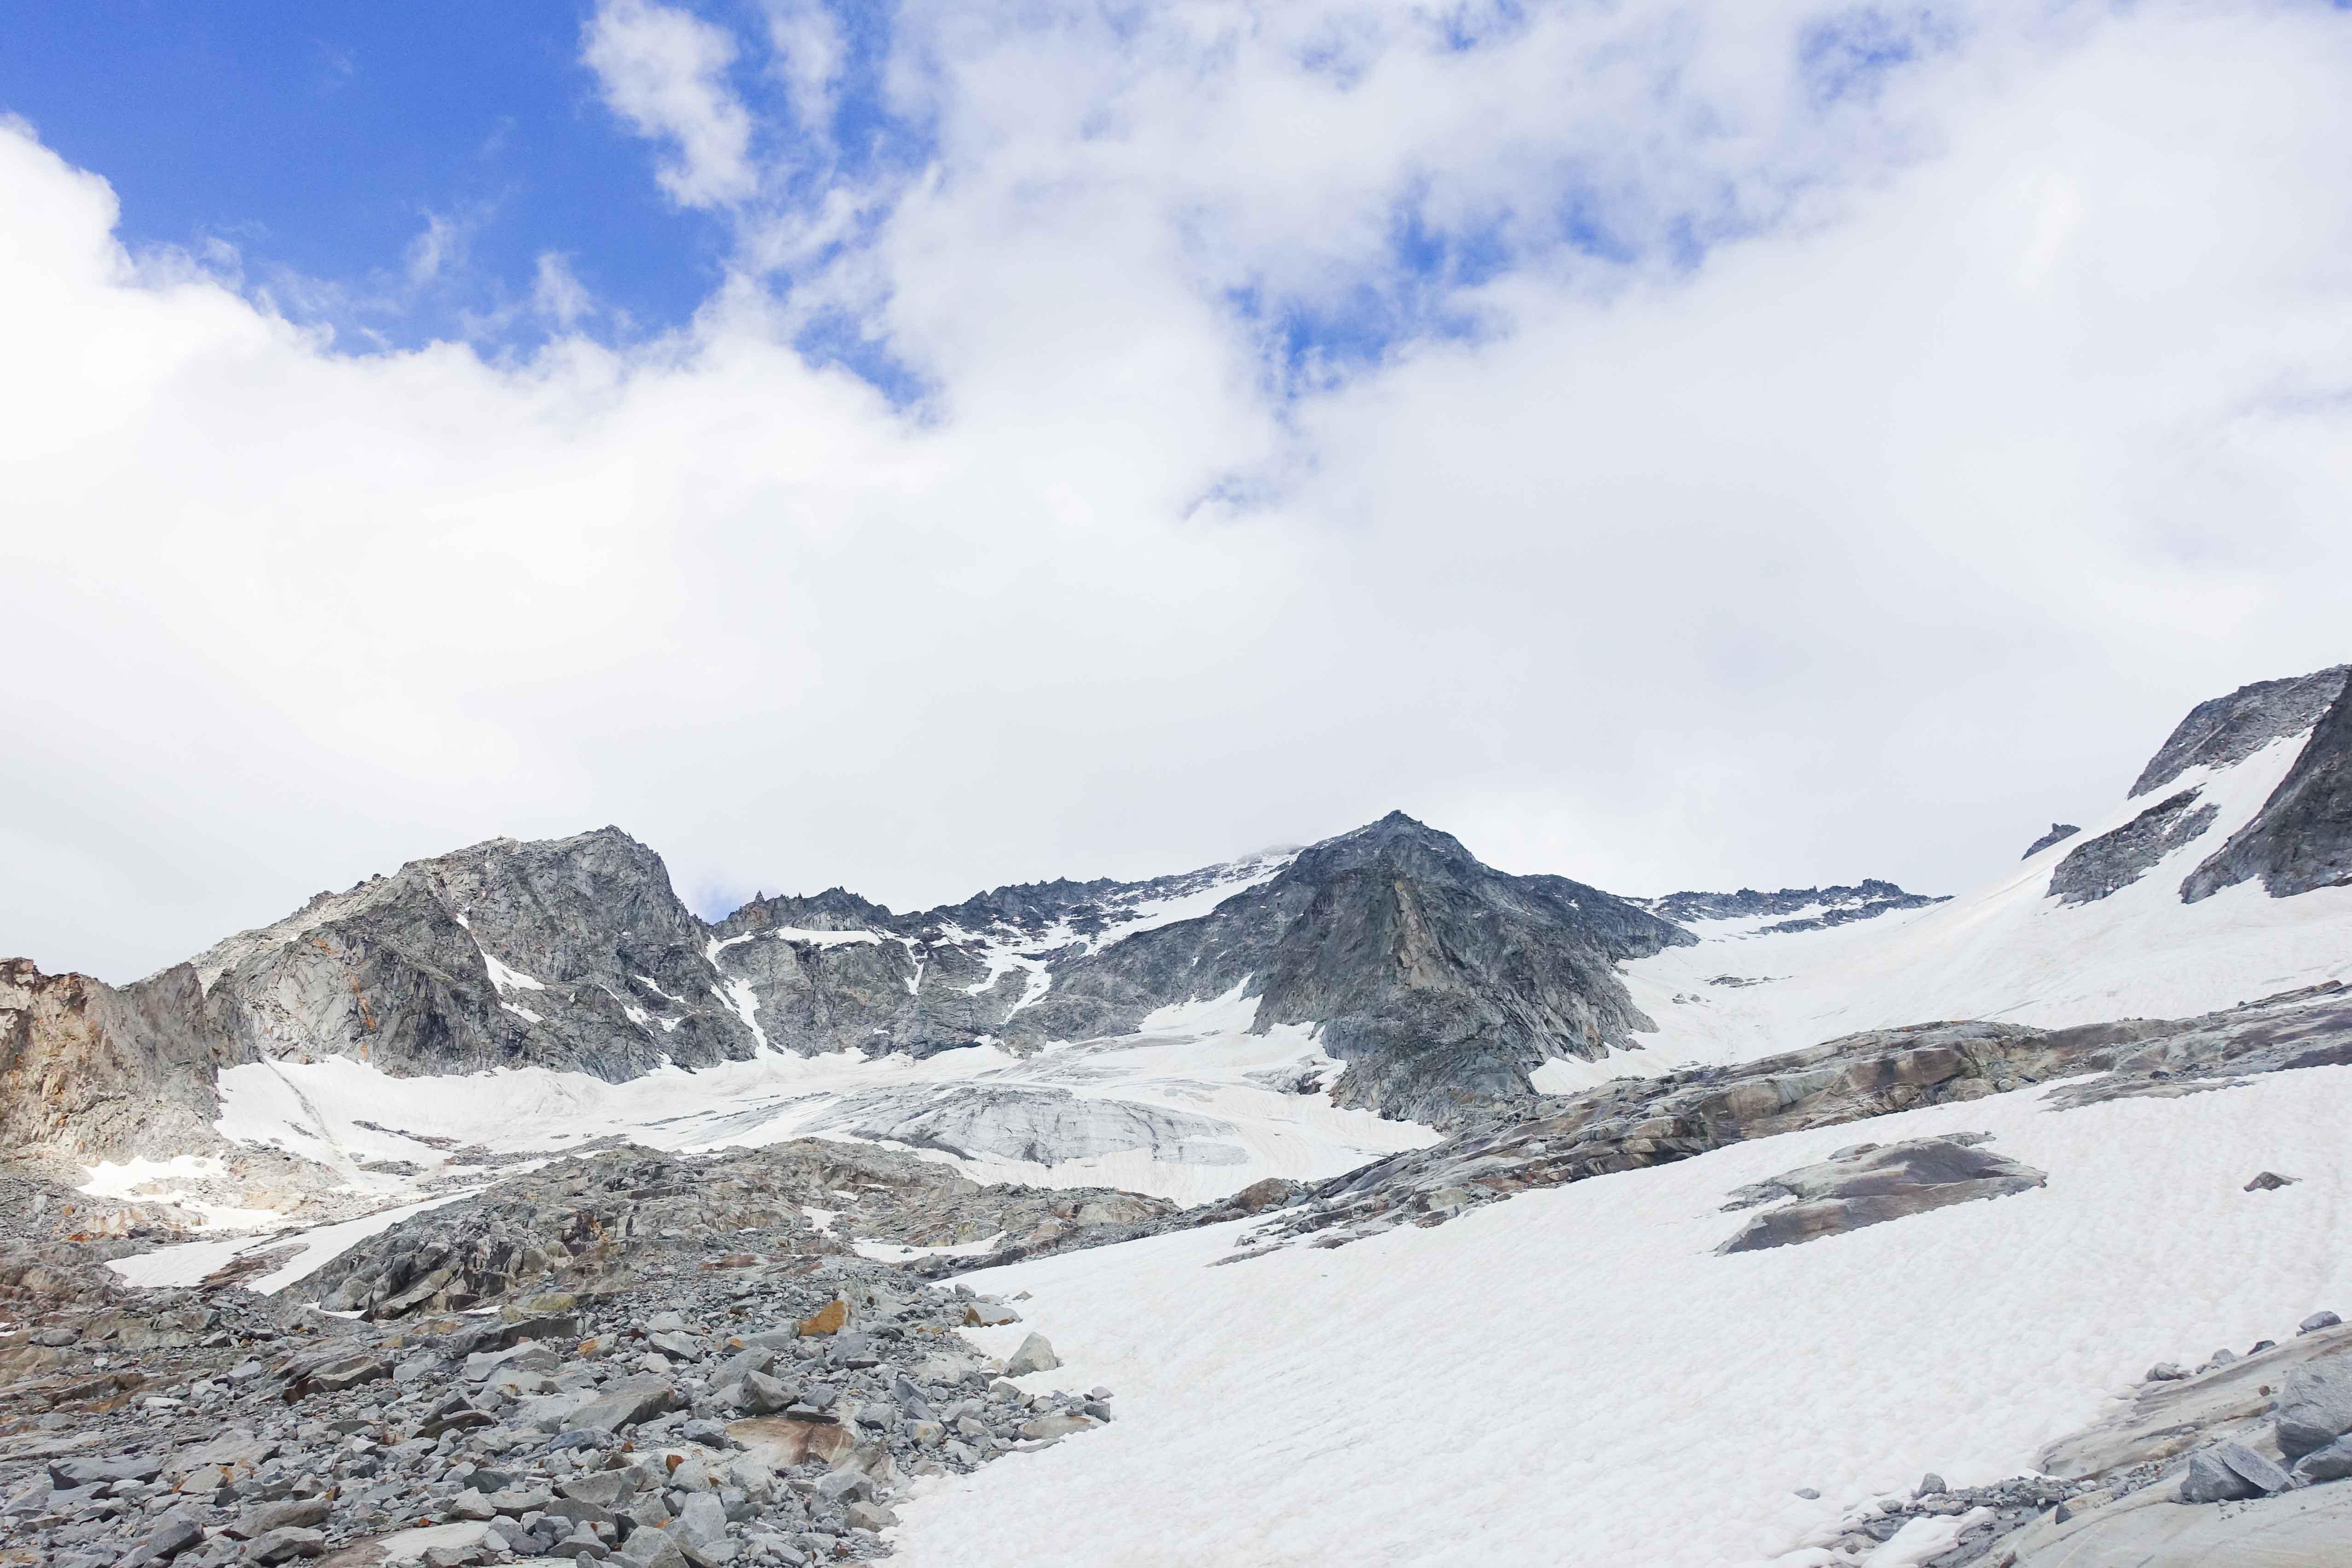 Zillertal klettern, Alpinklettern Zillertal, Alpinklettern mit Bergführer Zillertal, Zillertal Klettern